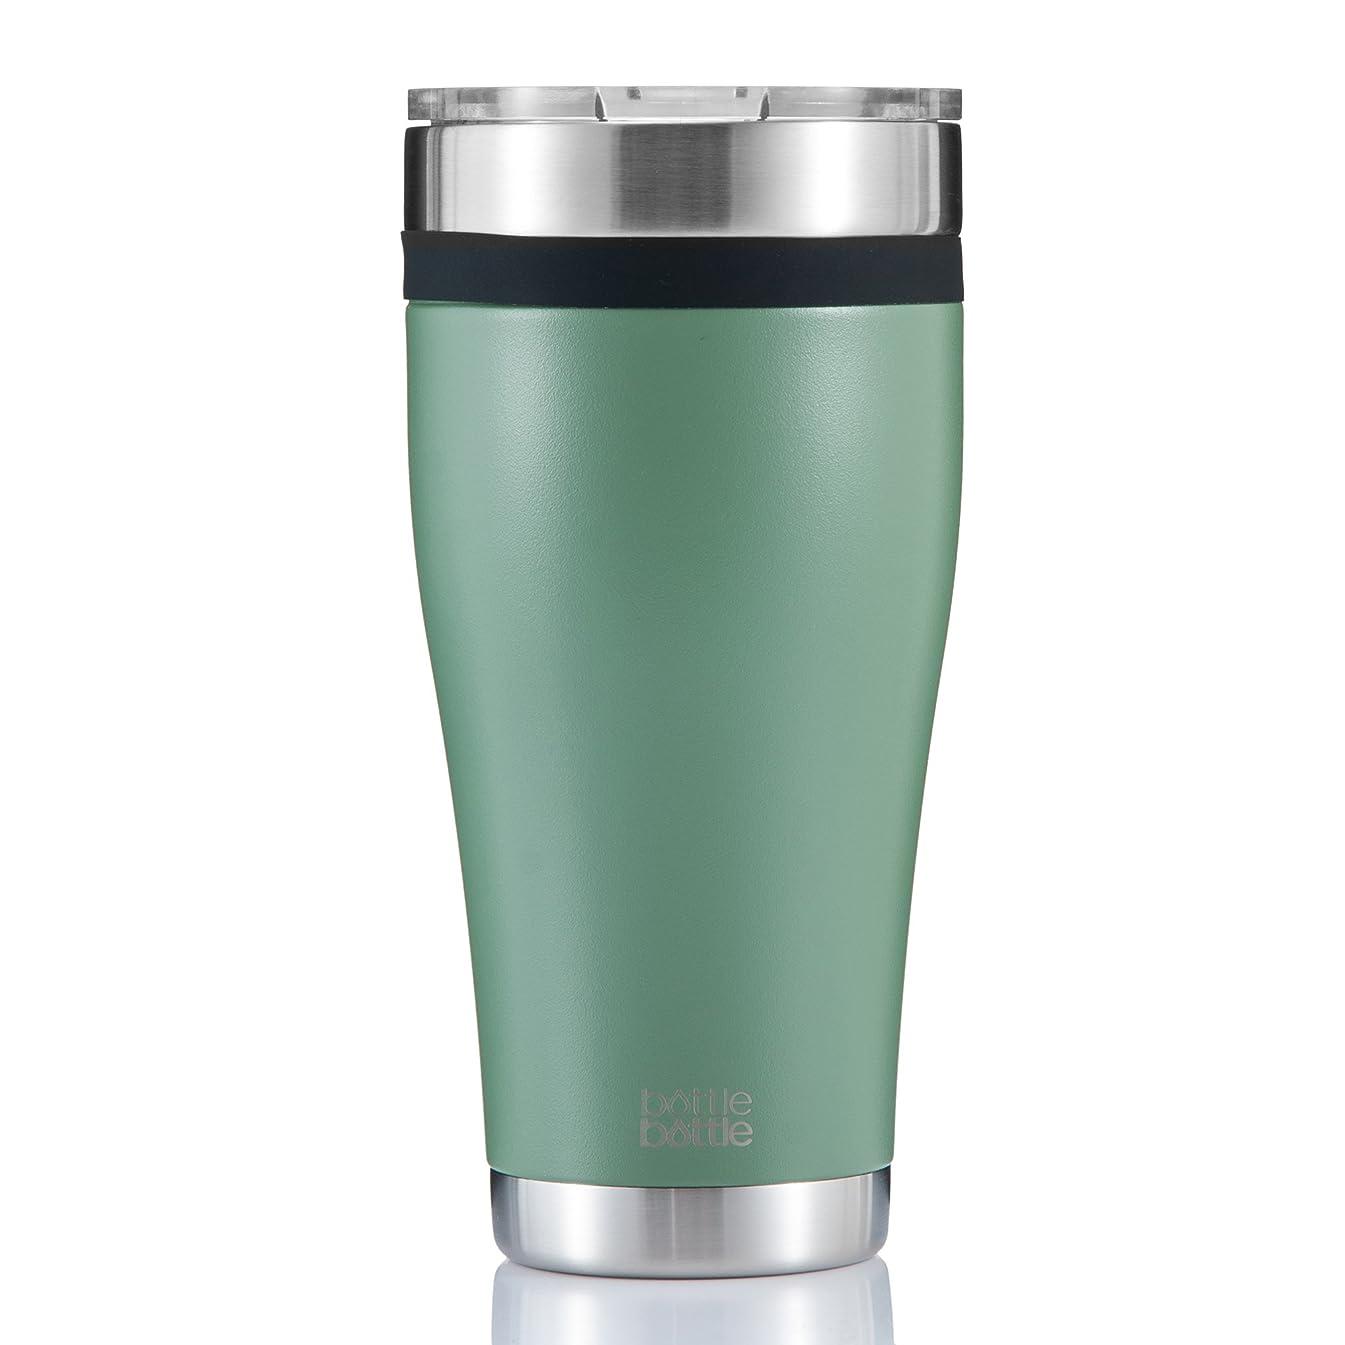 やさしいシエスタペナルティボトルボトル 真空断熱 タンブラー ふた付き フタに飲み口開いている 保温保冷 ステンレス 890ml 緑